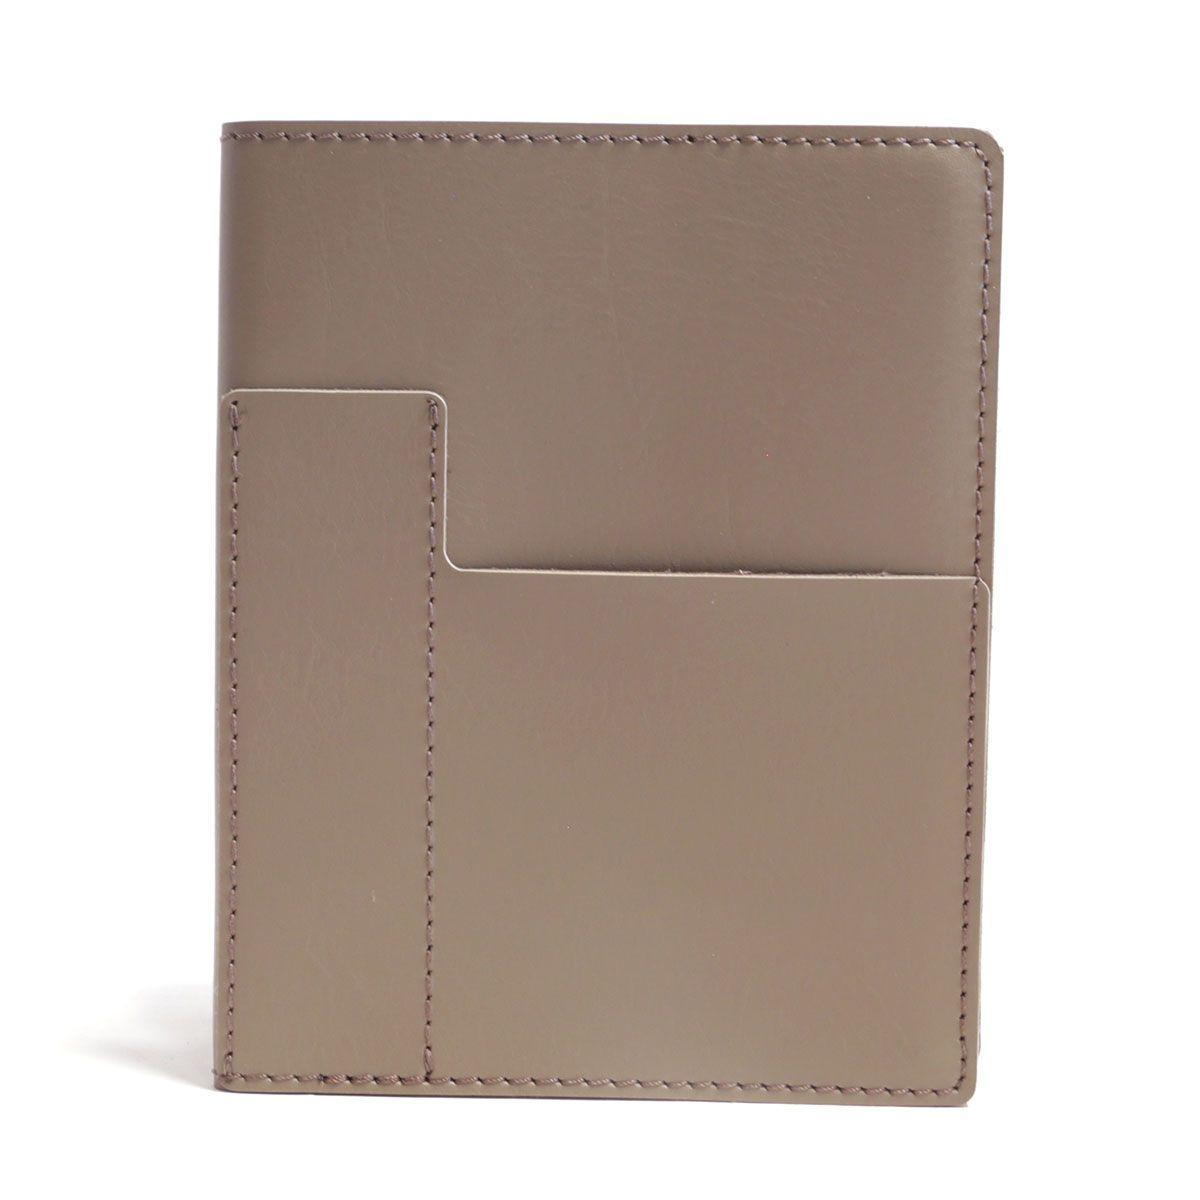 Caderno com sobrecapa (Montana Fendi)